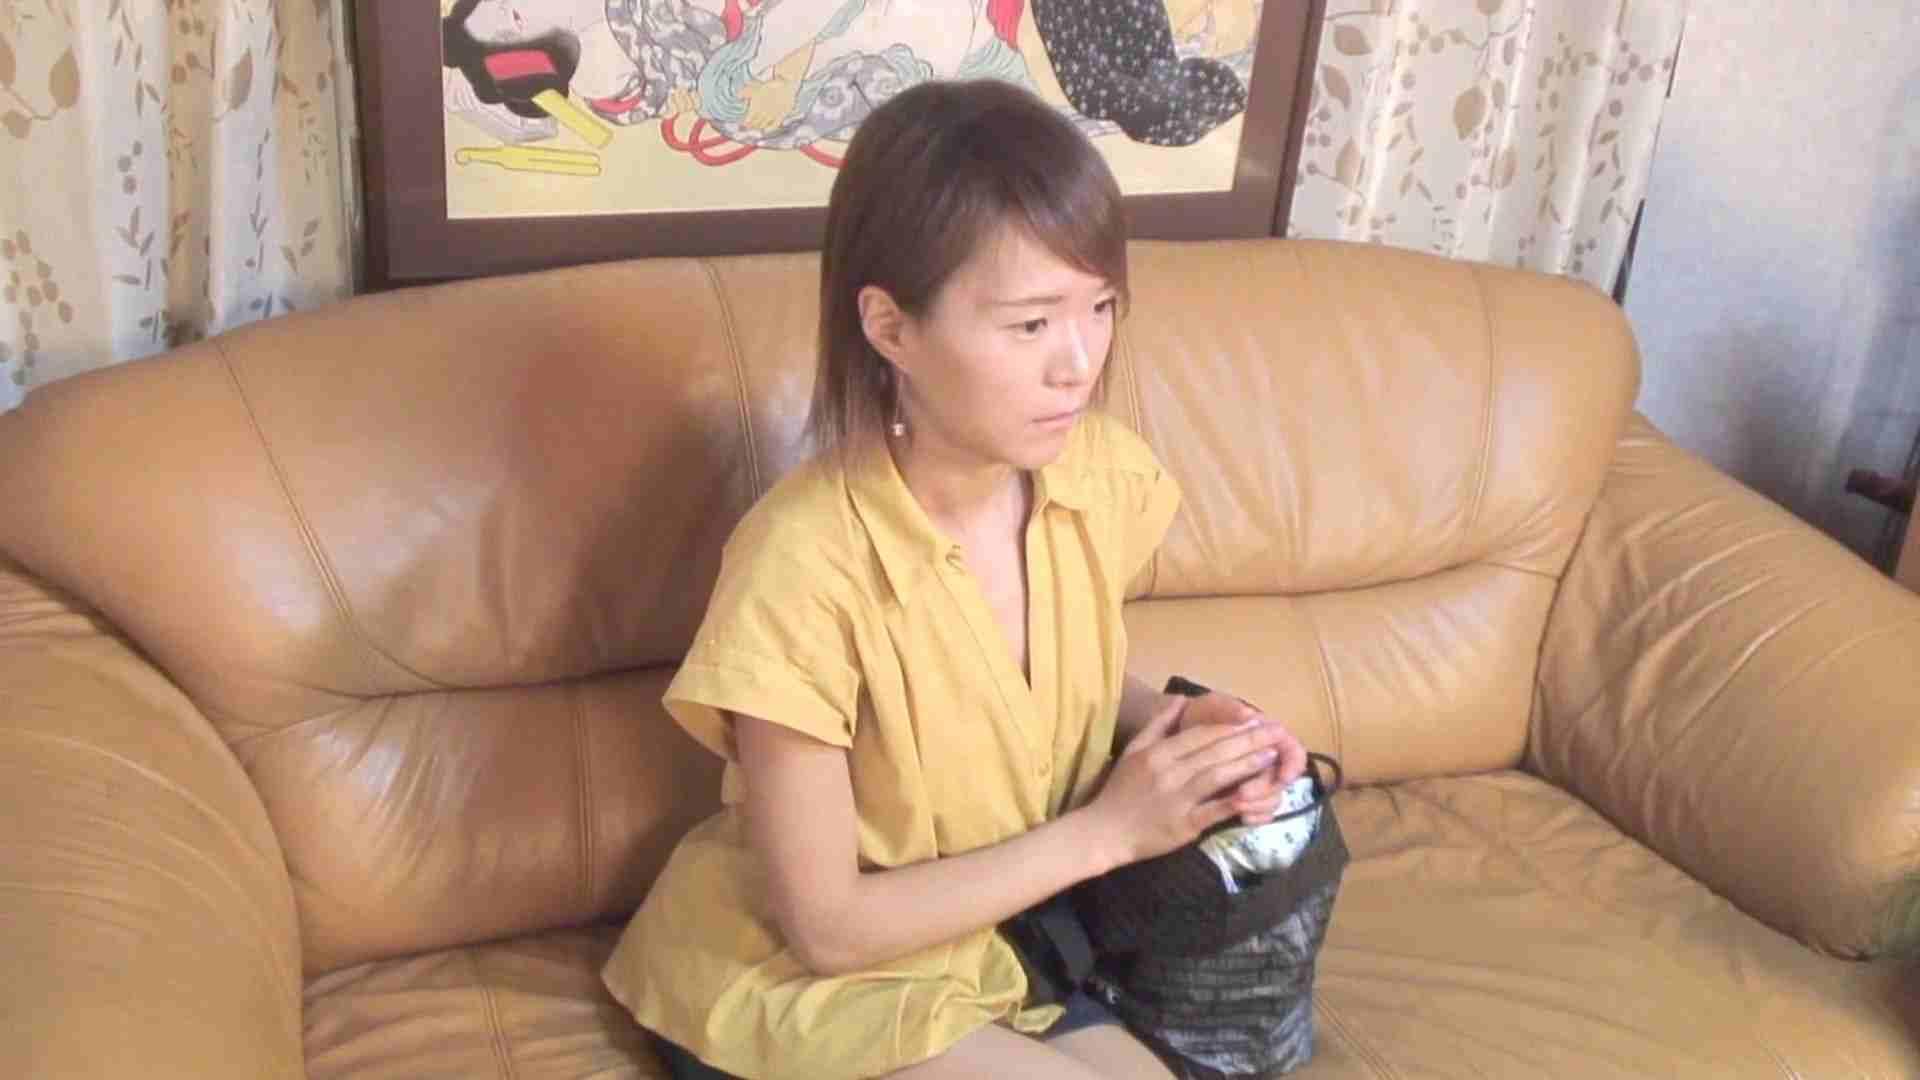 鬼才沖本監督作品 フェラしか出来ない女 アナル オマンコ無修正動画無料 52枚